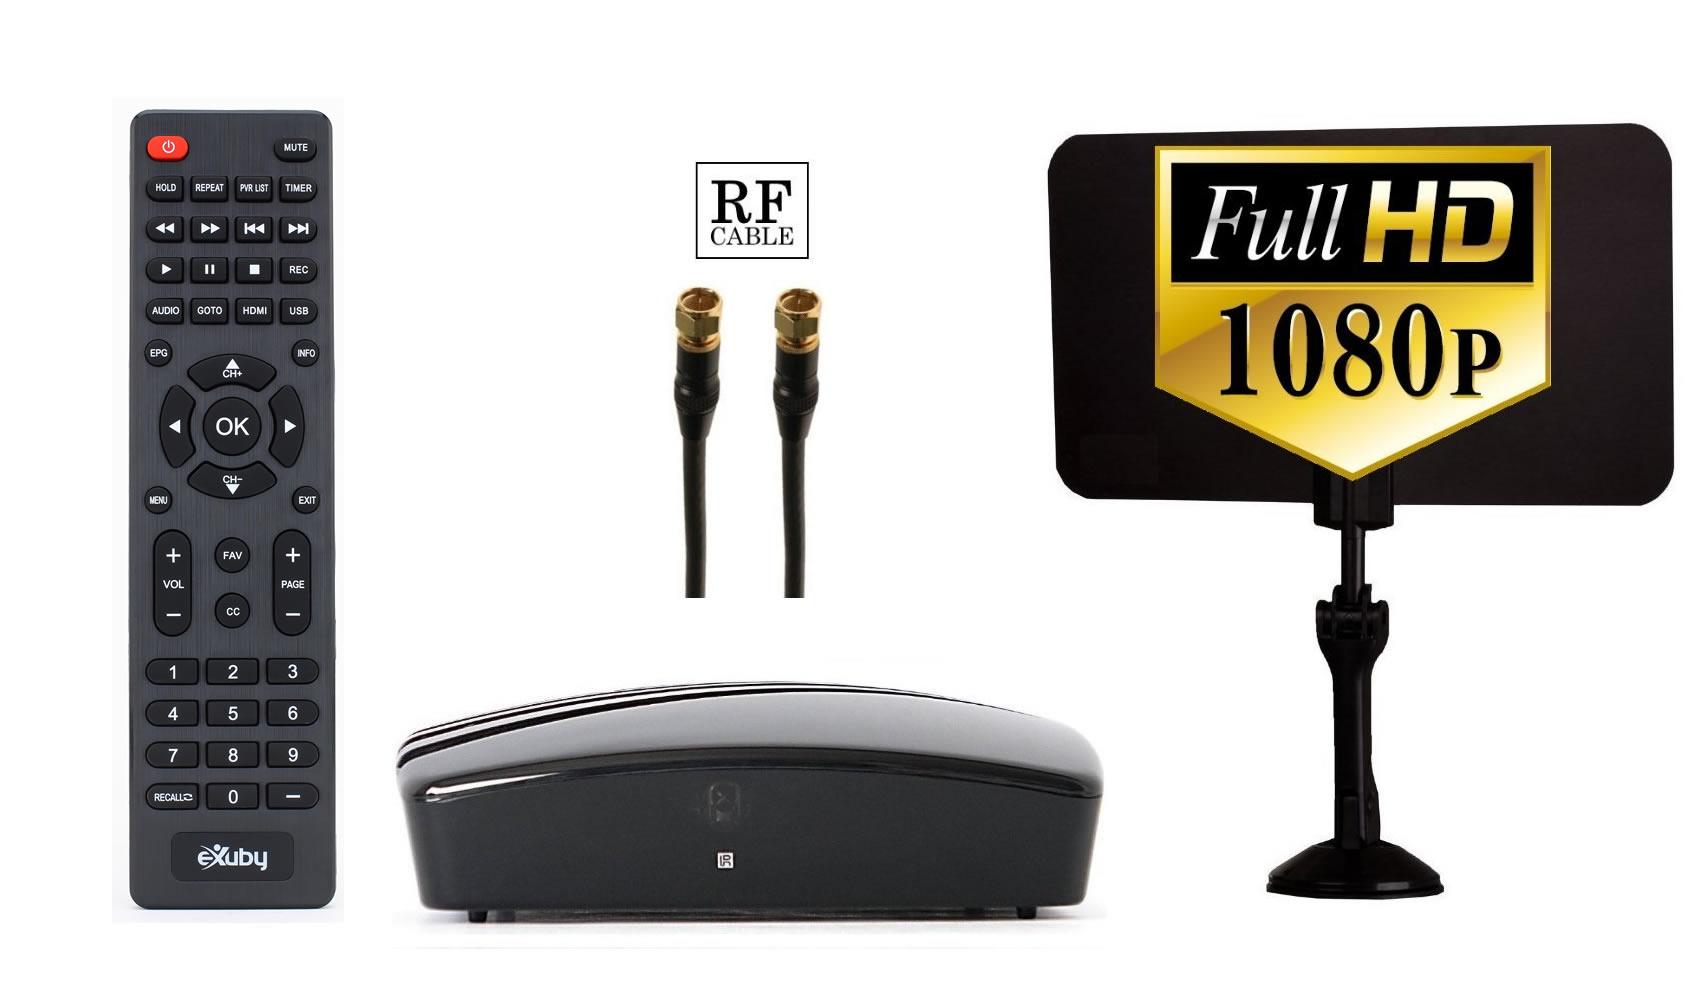 Exuby Digital Converter Box For Tv Digital Antenna Rf